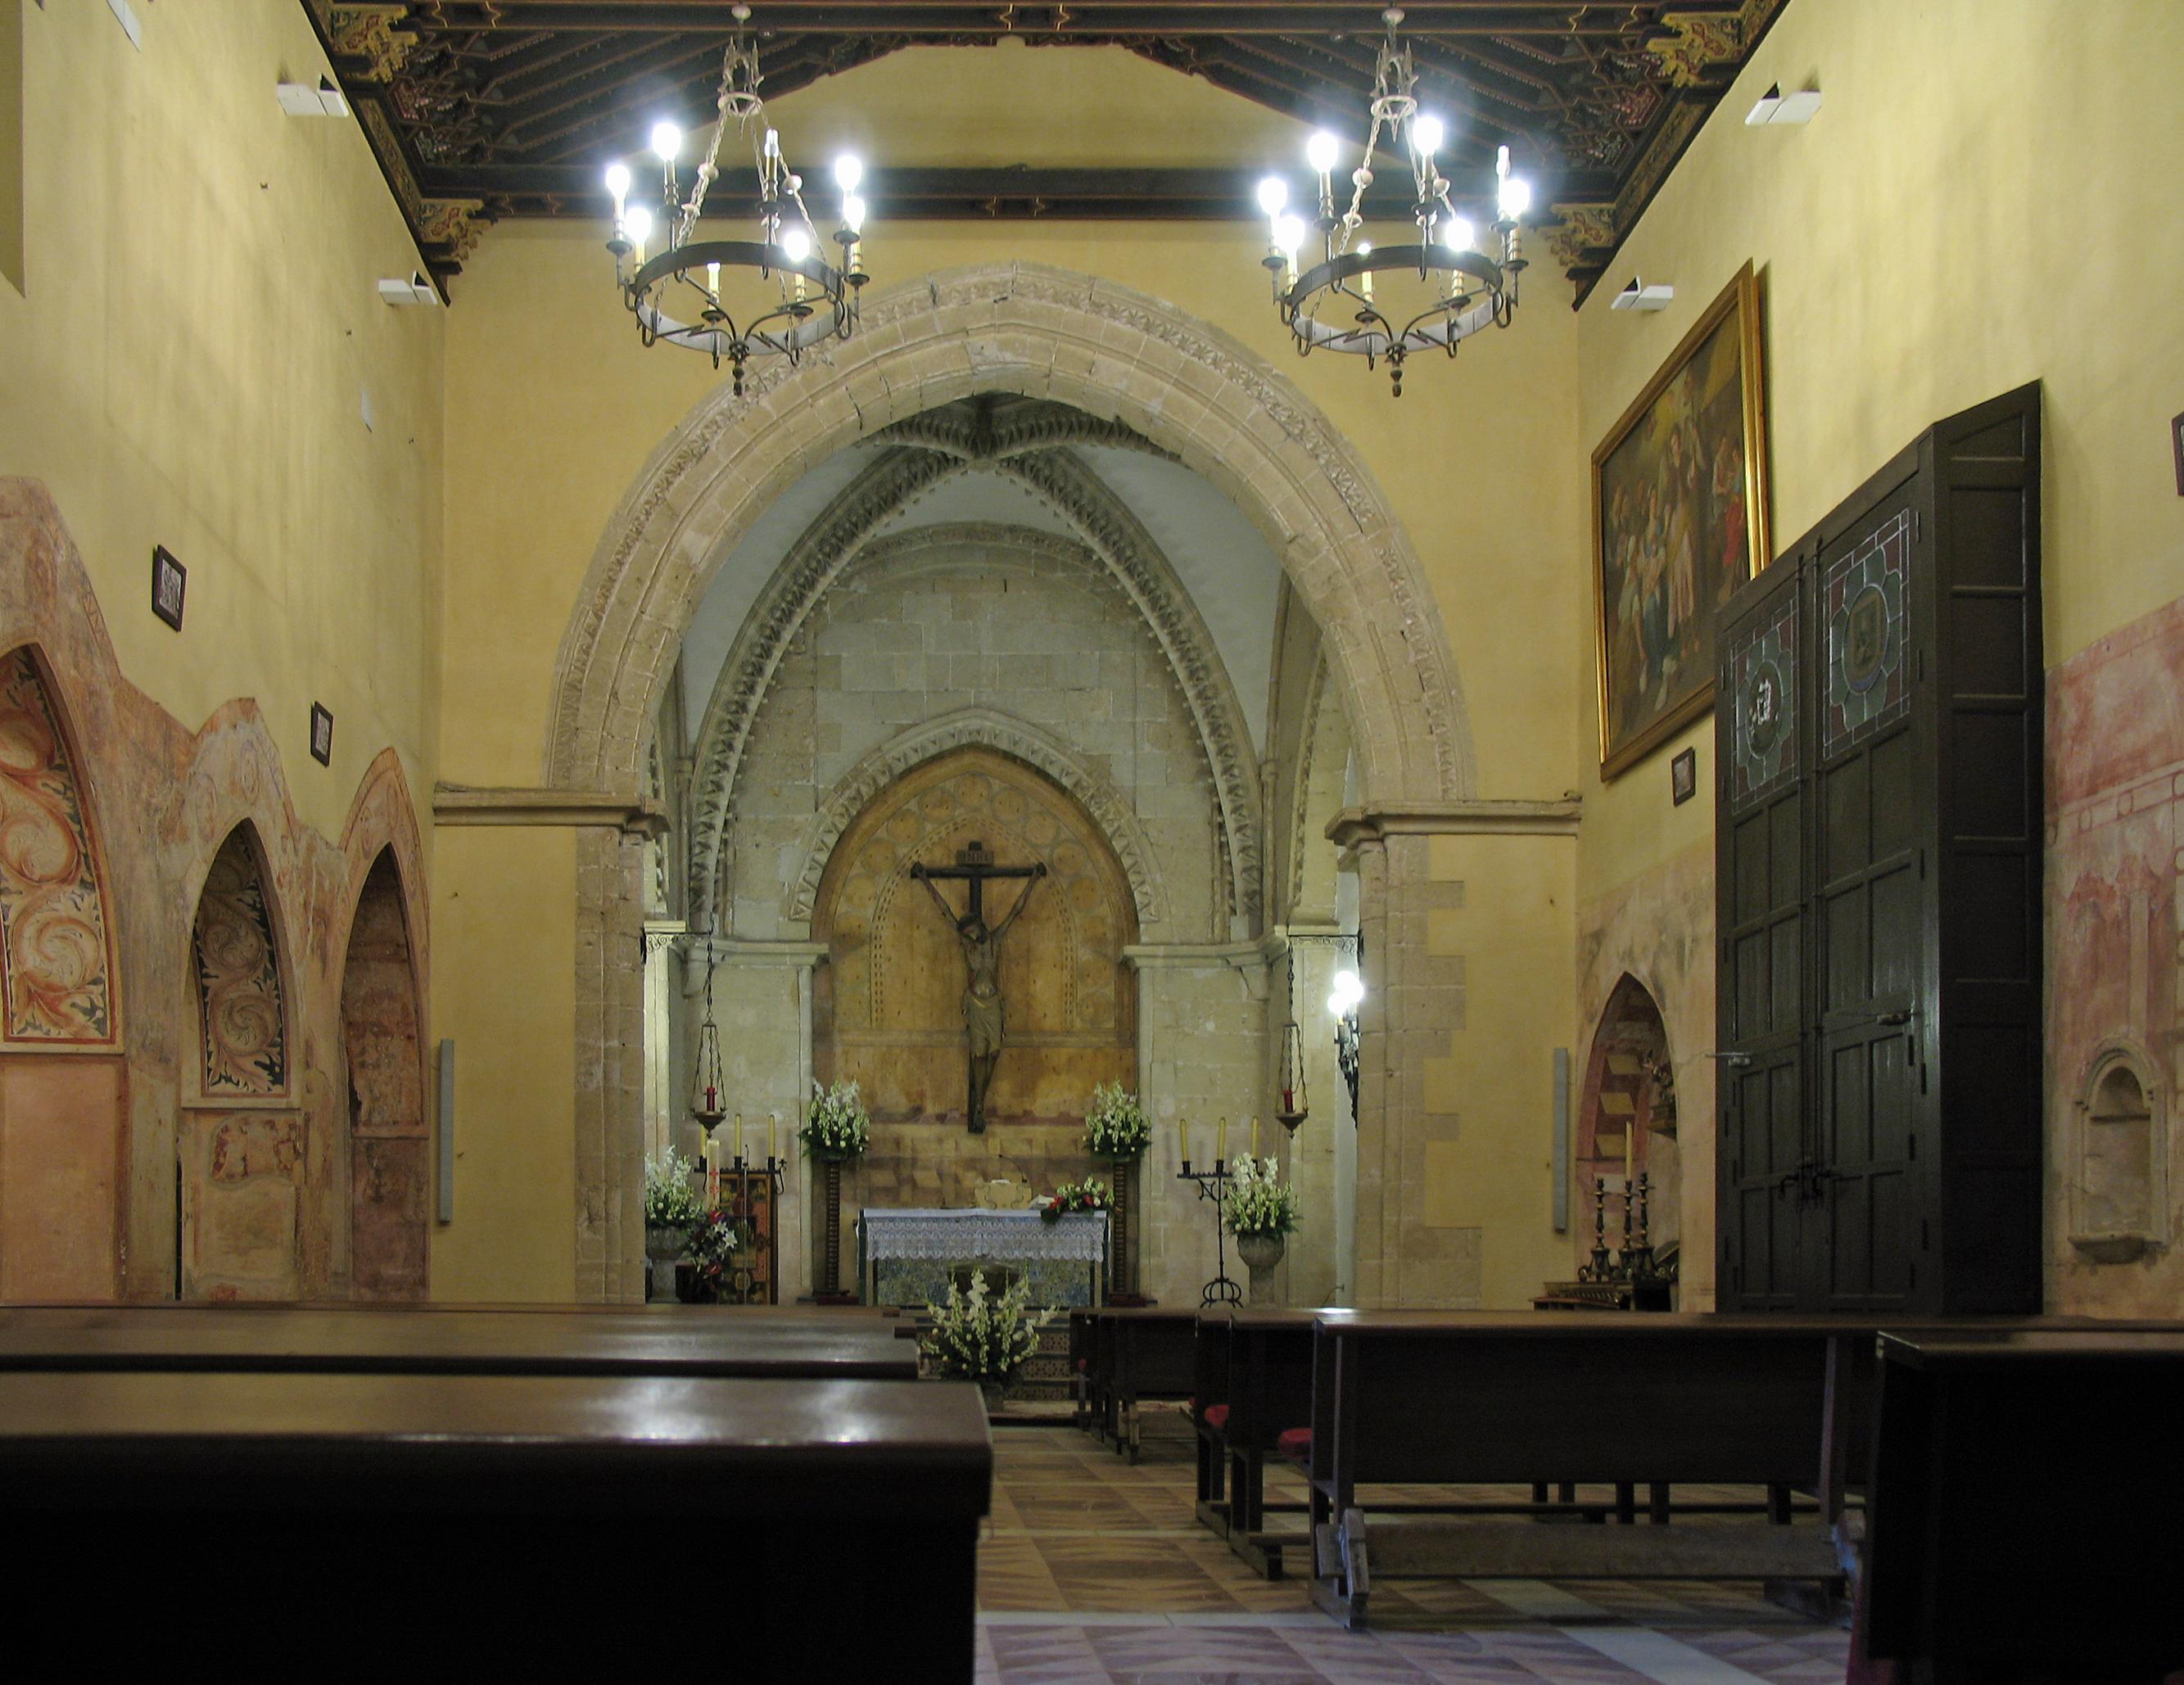 The church, La Rábida . Photo taken on April 12, 2007.